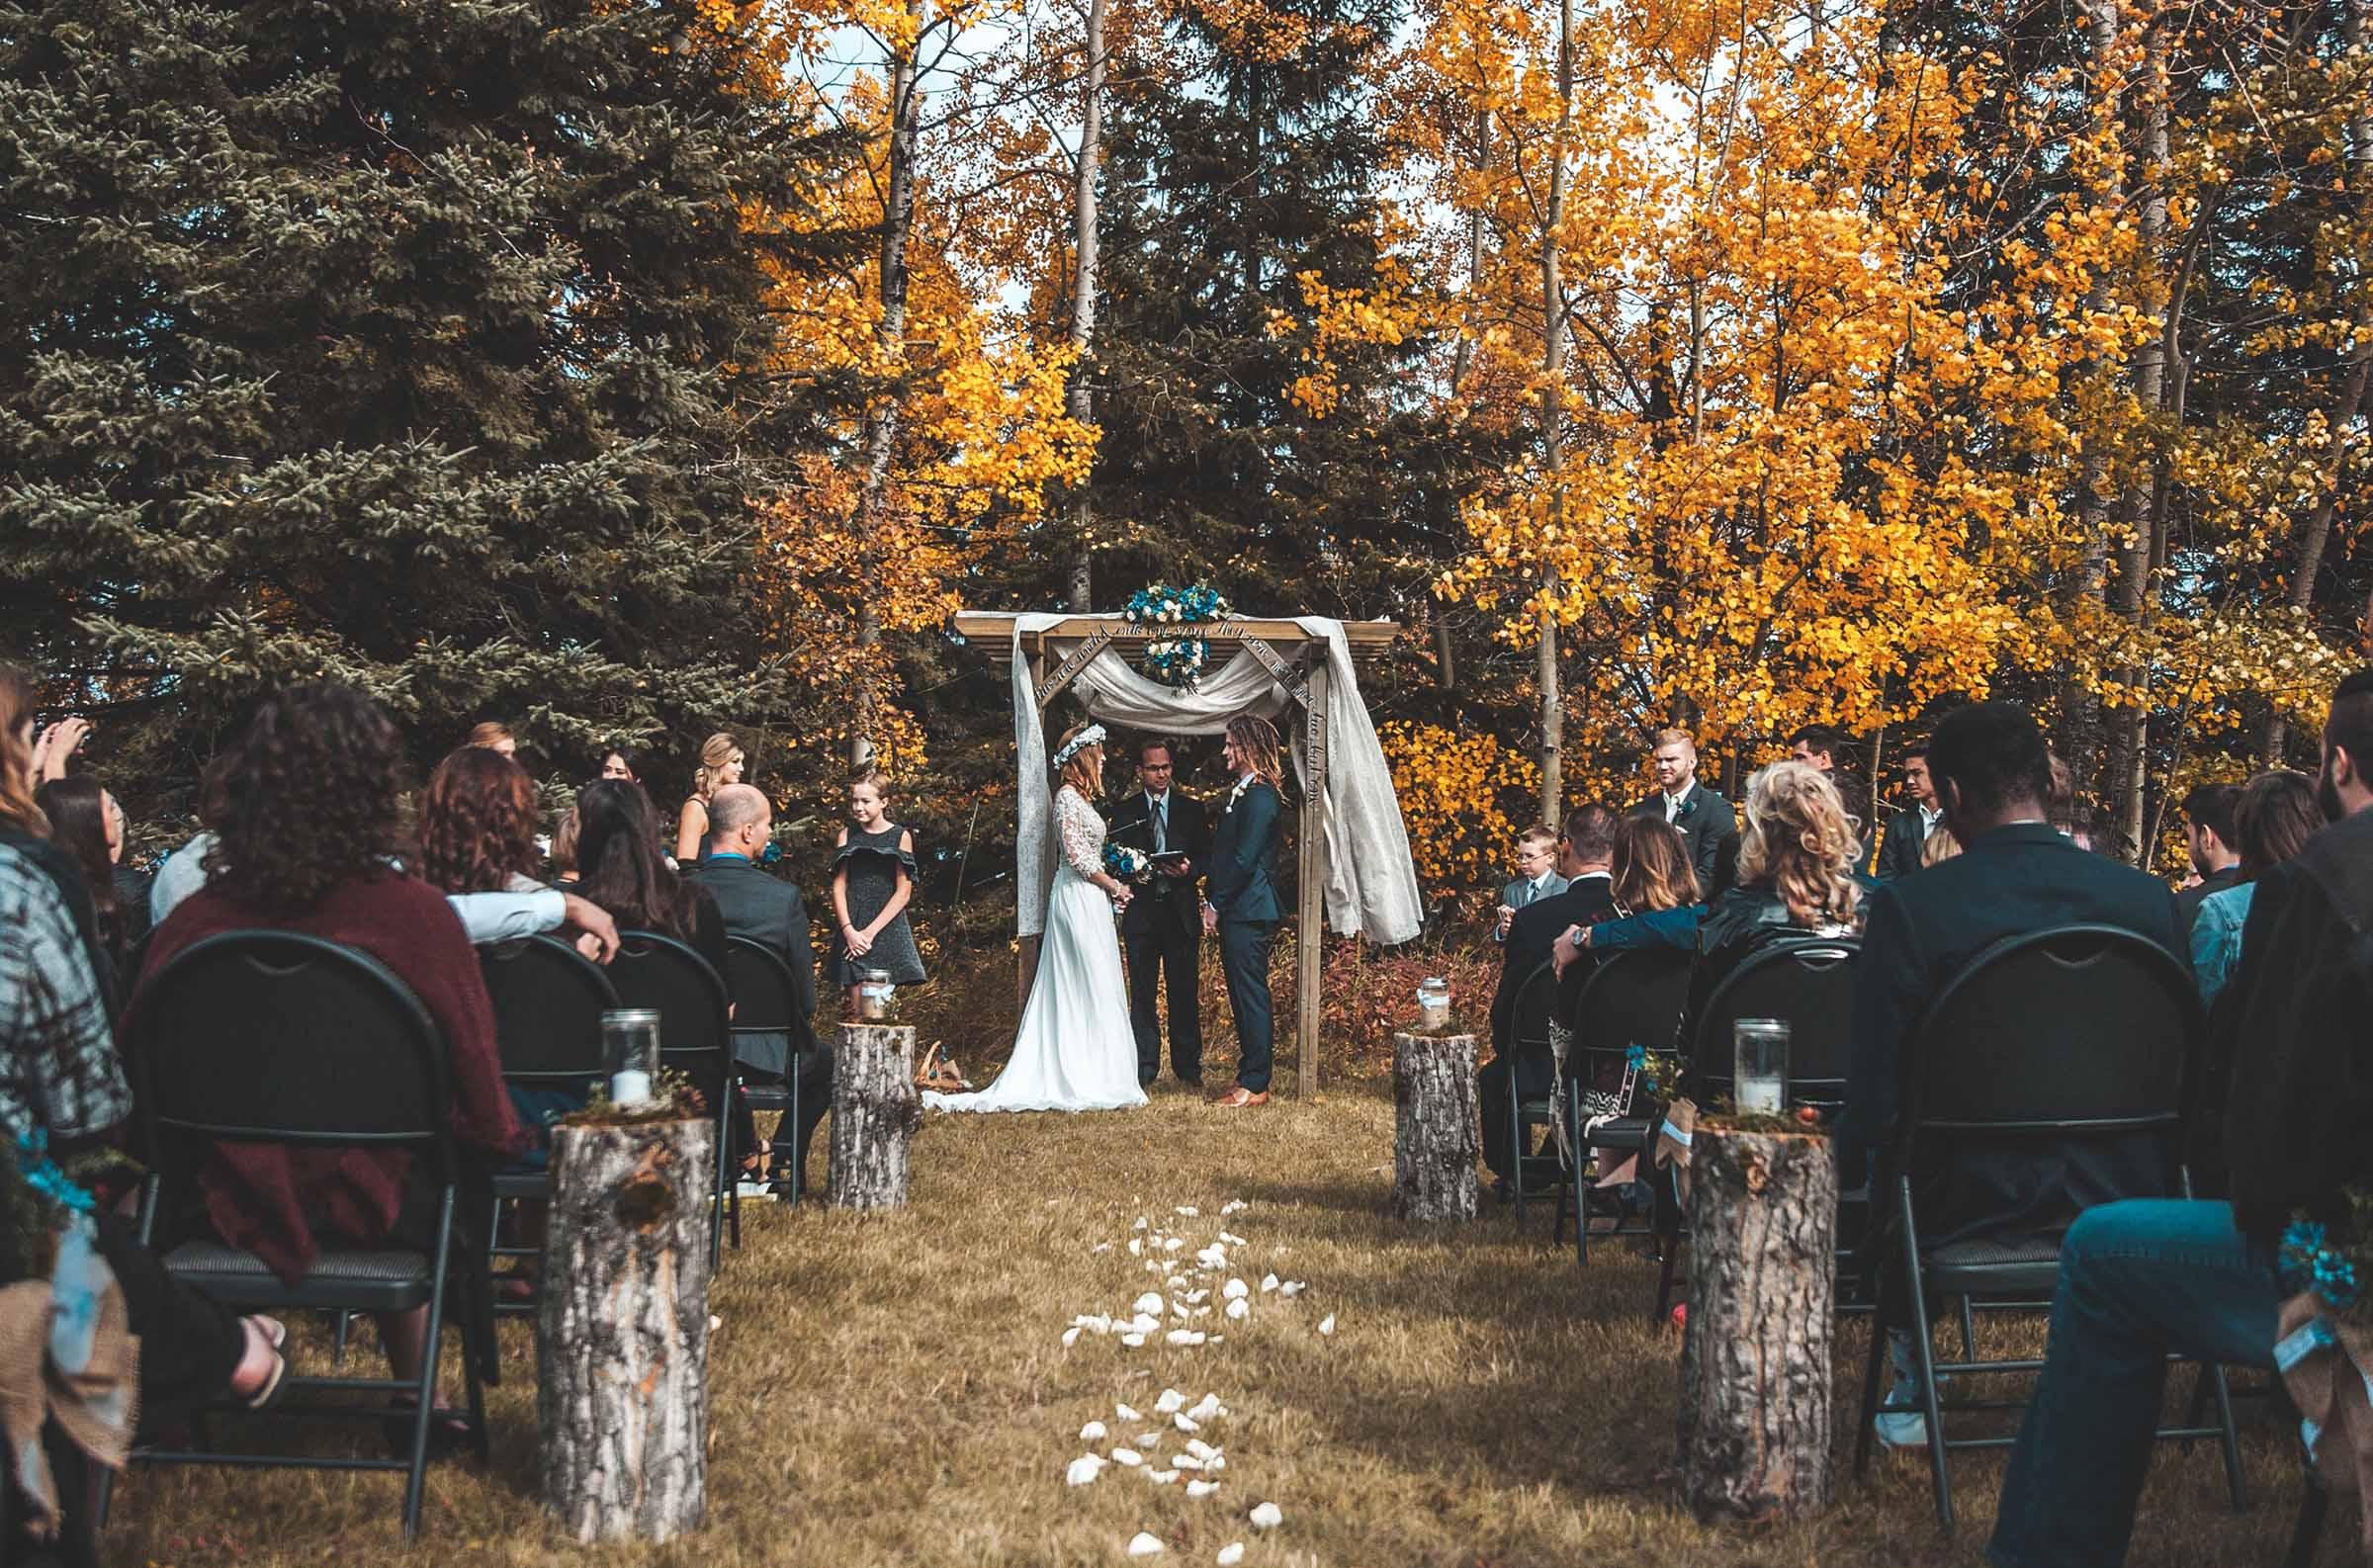 Möbel-Verleih für Hochzeiten